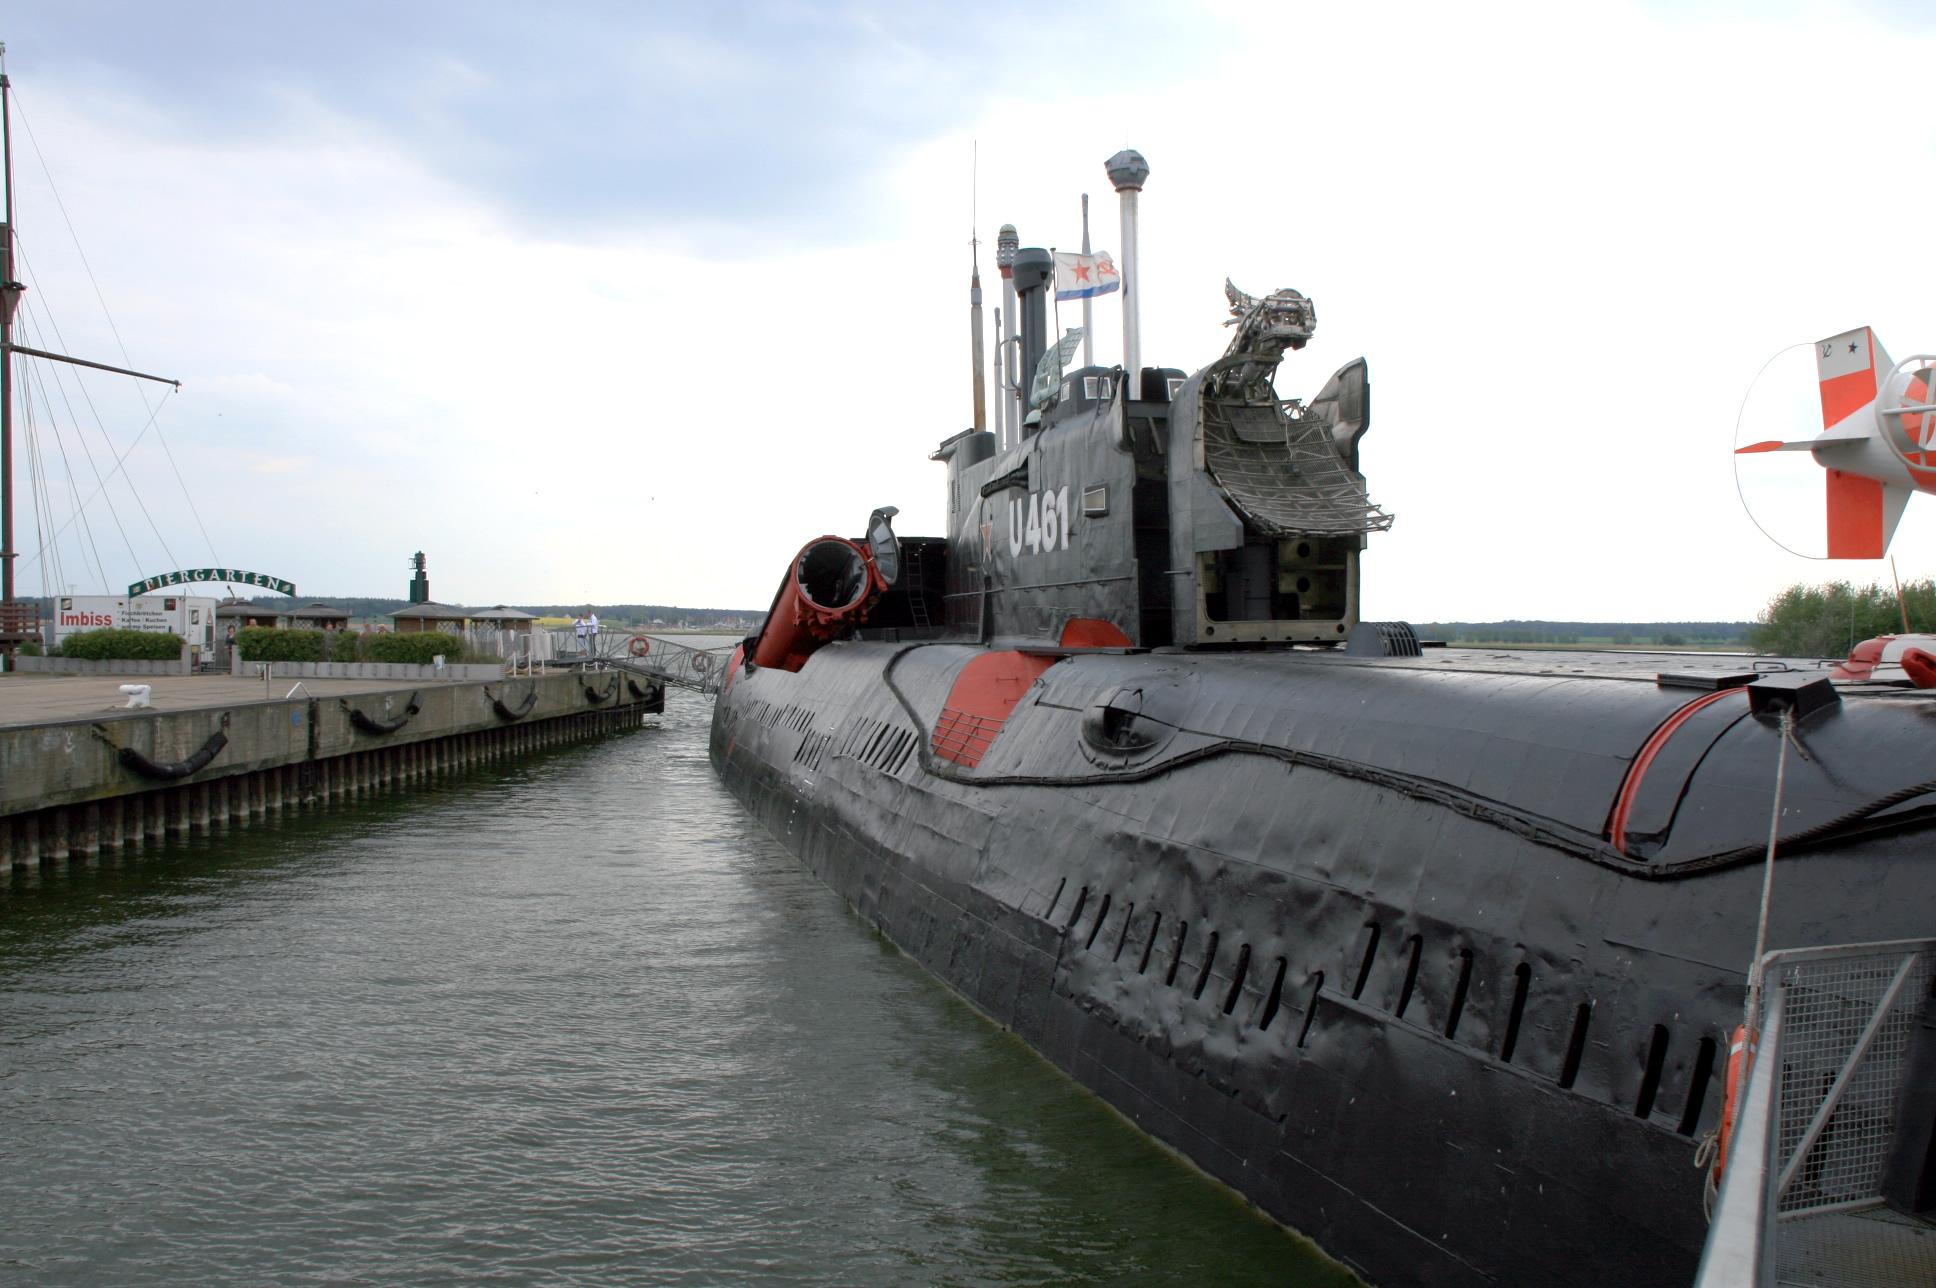 U-Boot Peenmünde Usedom Insel Usedom Ausflugsziel Erholung Urlaub